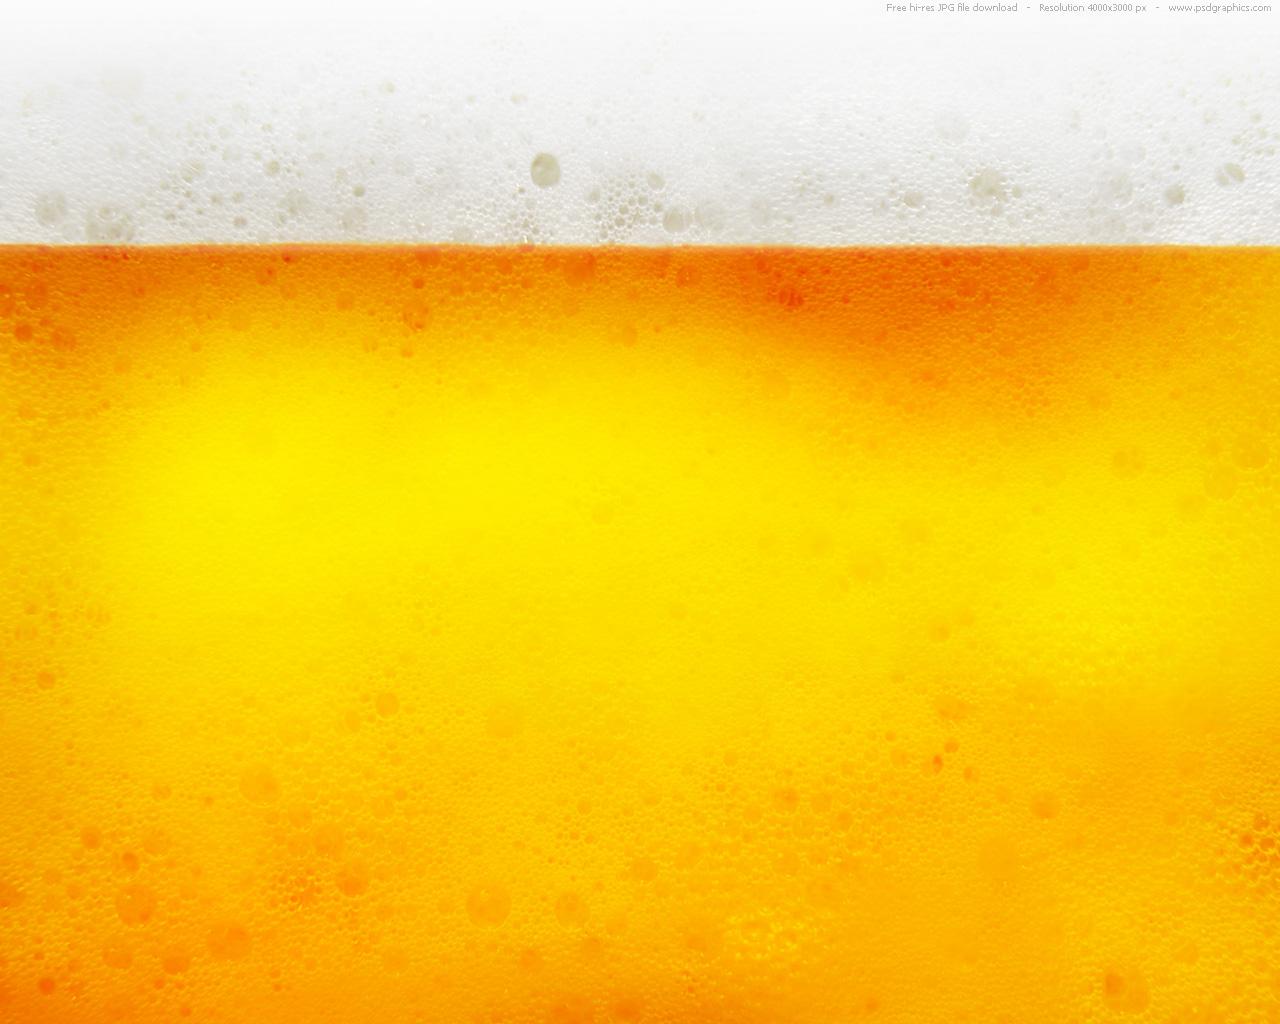 фон, текстура, пиво, скачать фото, обои на рабочий стол